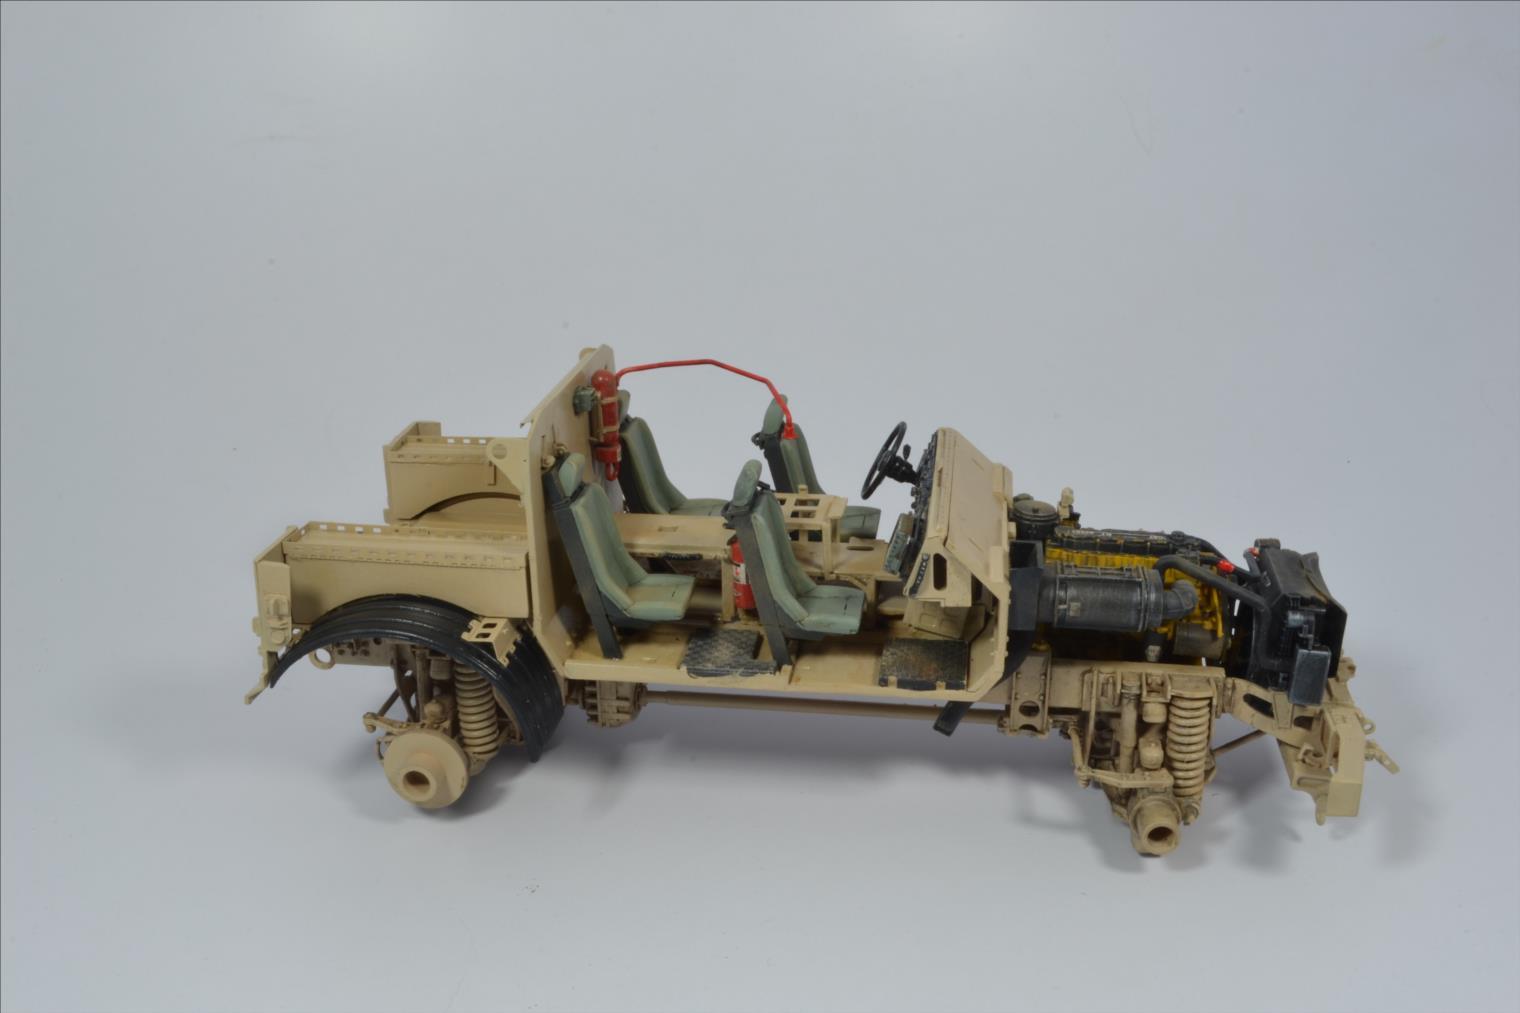 M 1240 A1 M-ATV 1/35 (RFM) - Page 2 20101407564522494217082151